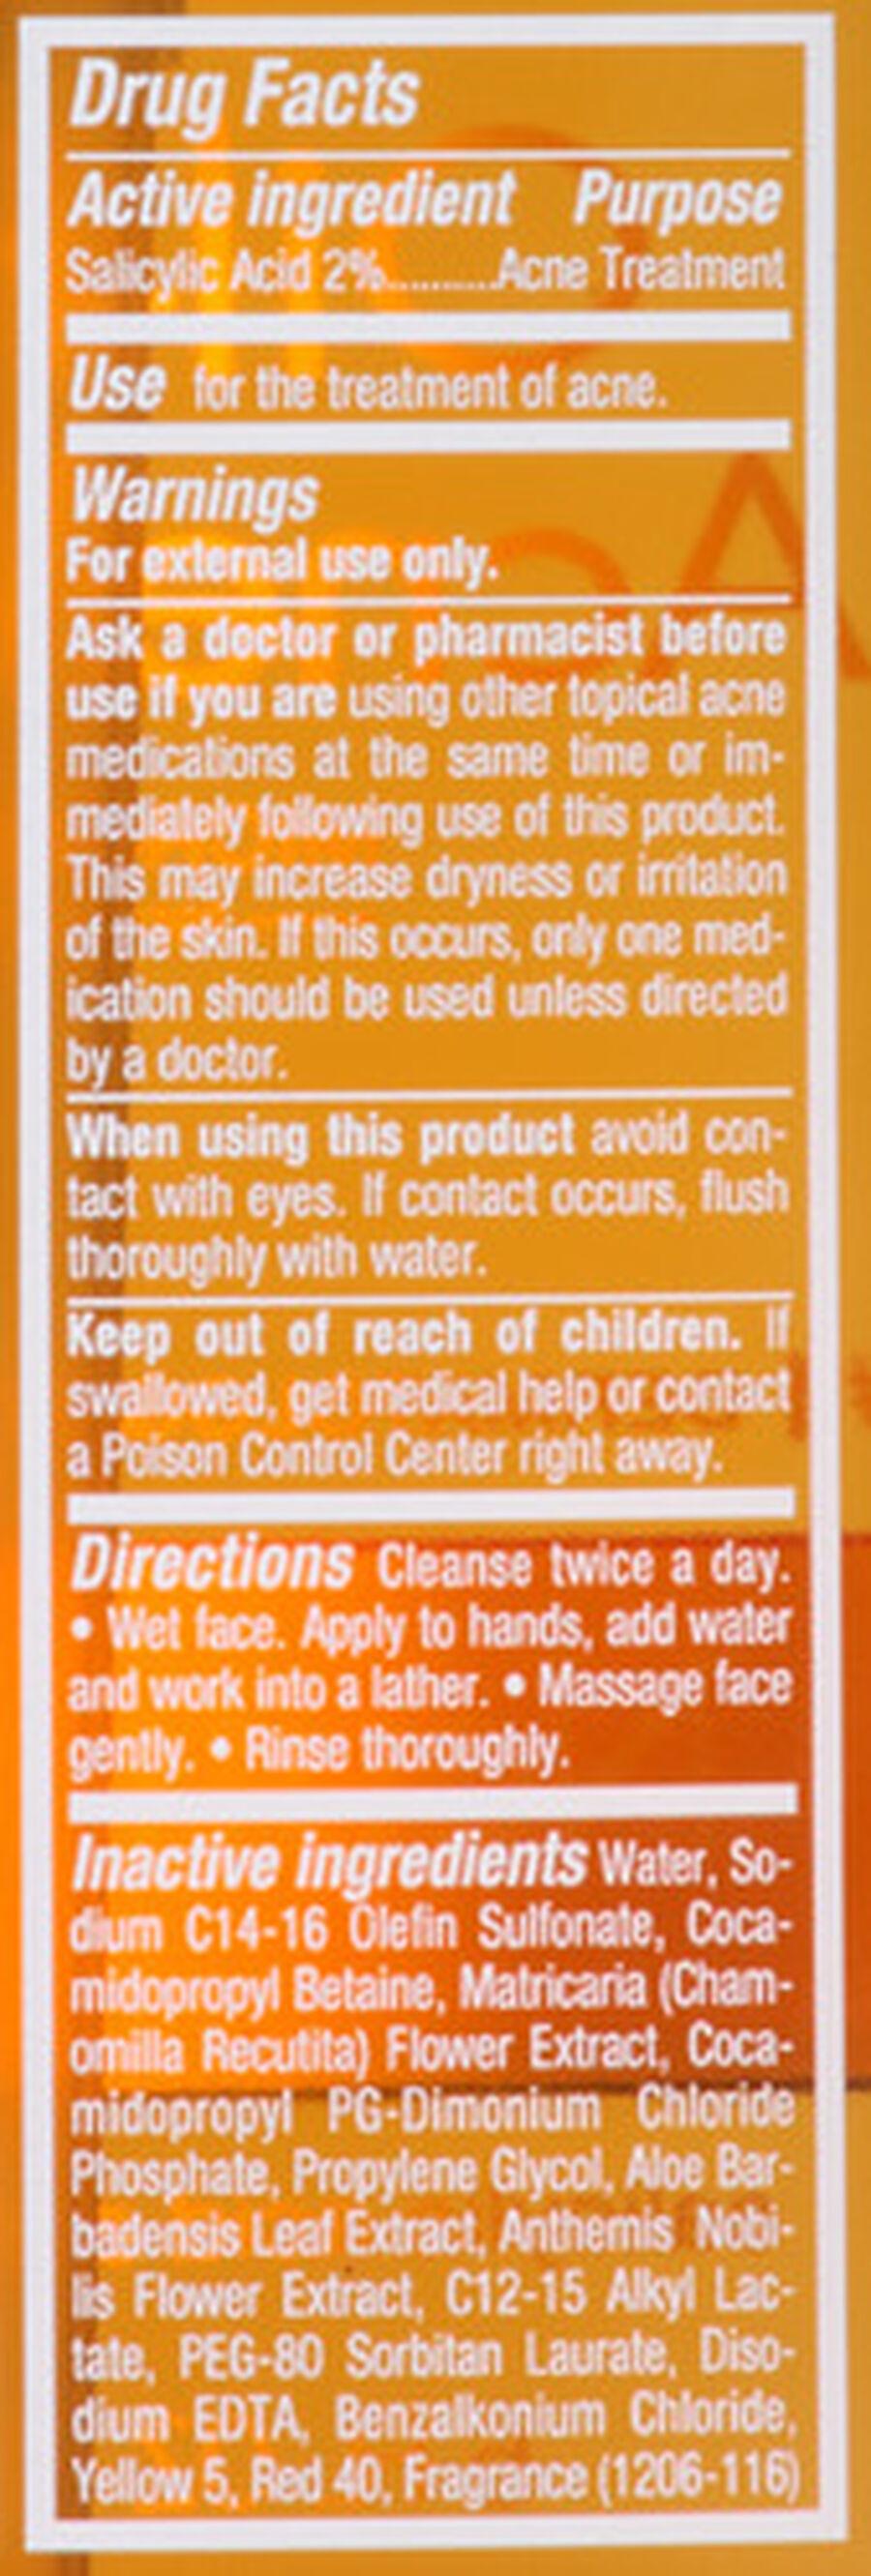 Neutrogena Oil-Free Acne Wash with Salicylic Acid, 6oz., , large image number 3